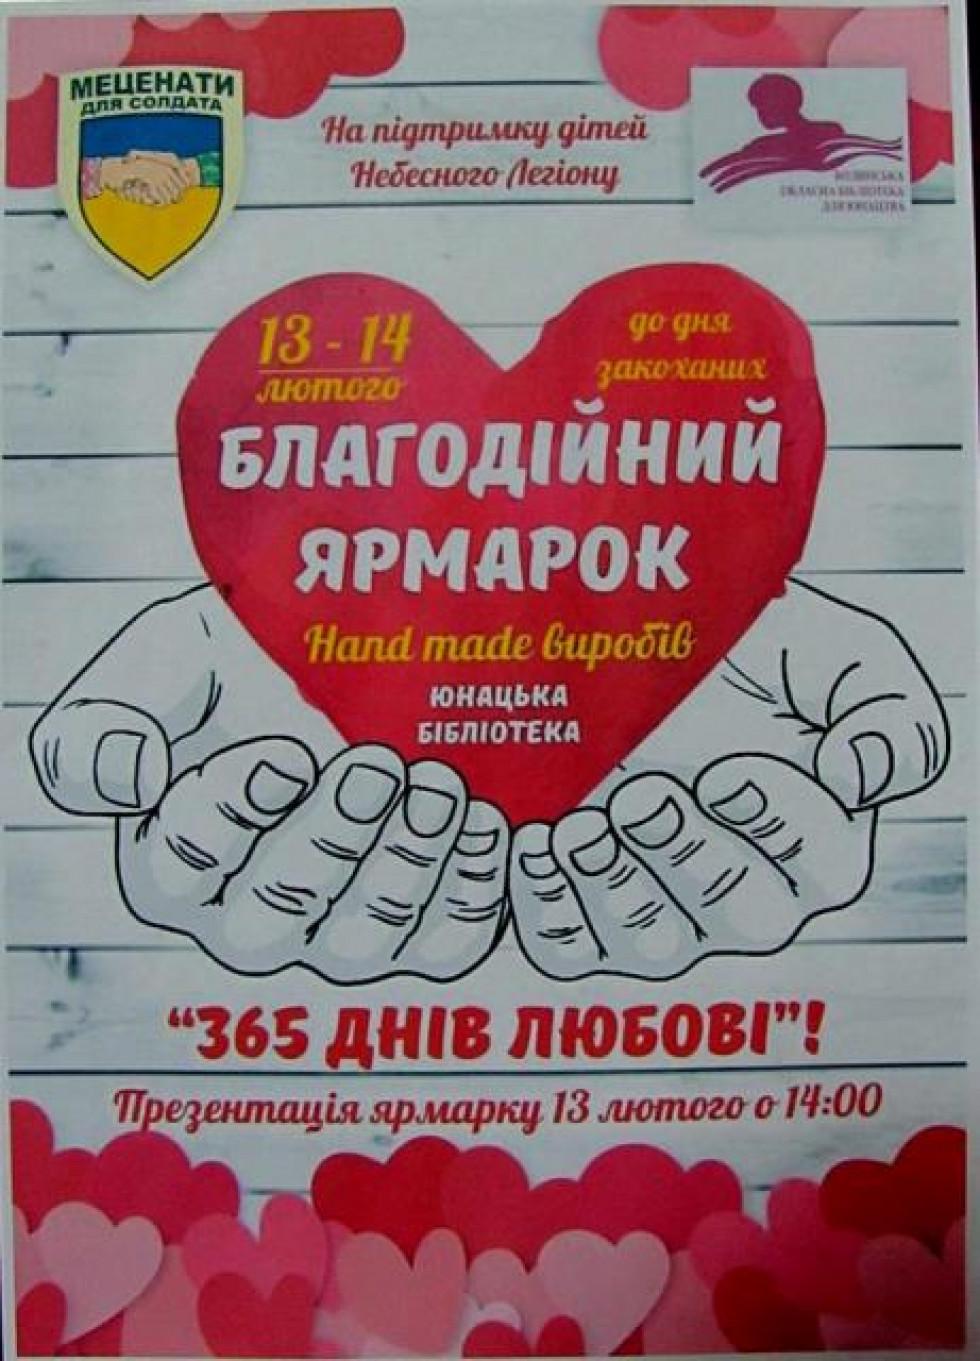 Афіша благодійного ярмарку